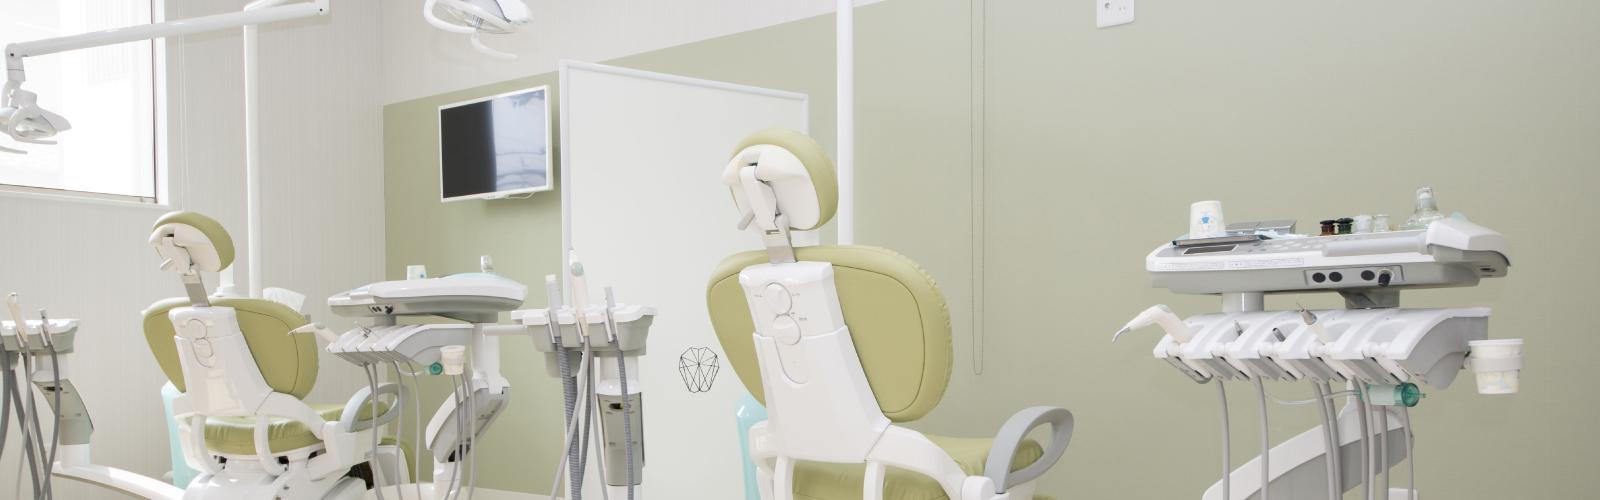 歯科診療台